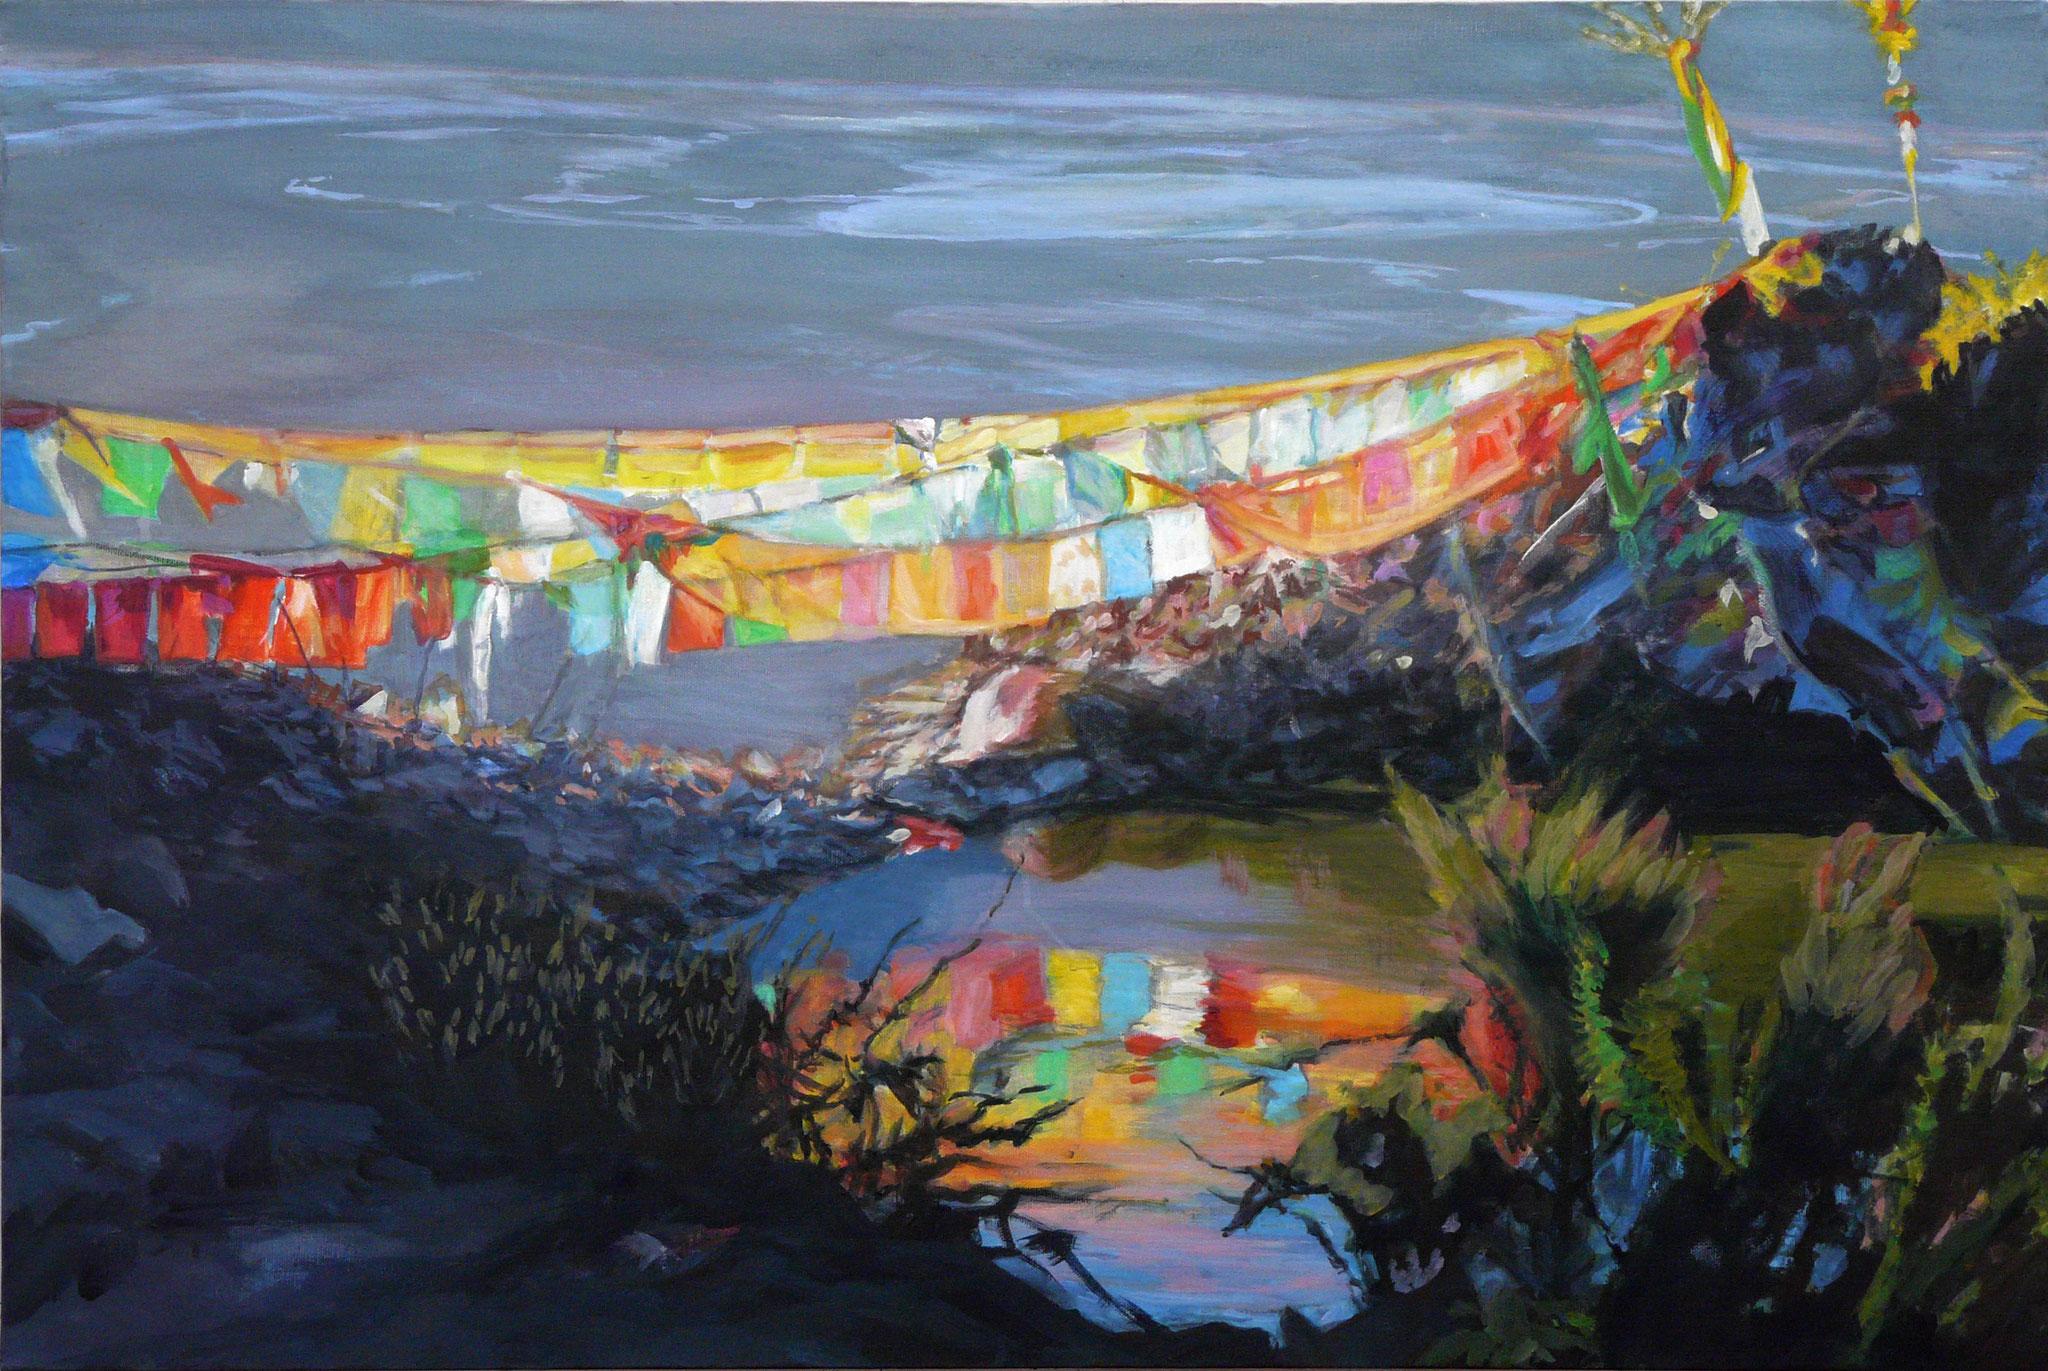 8. Fahnen im Licht, Gouache +Acryl auf Leinwand, 60 x 90 cm, 206